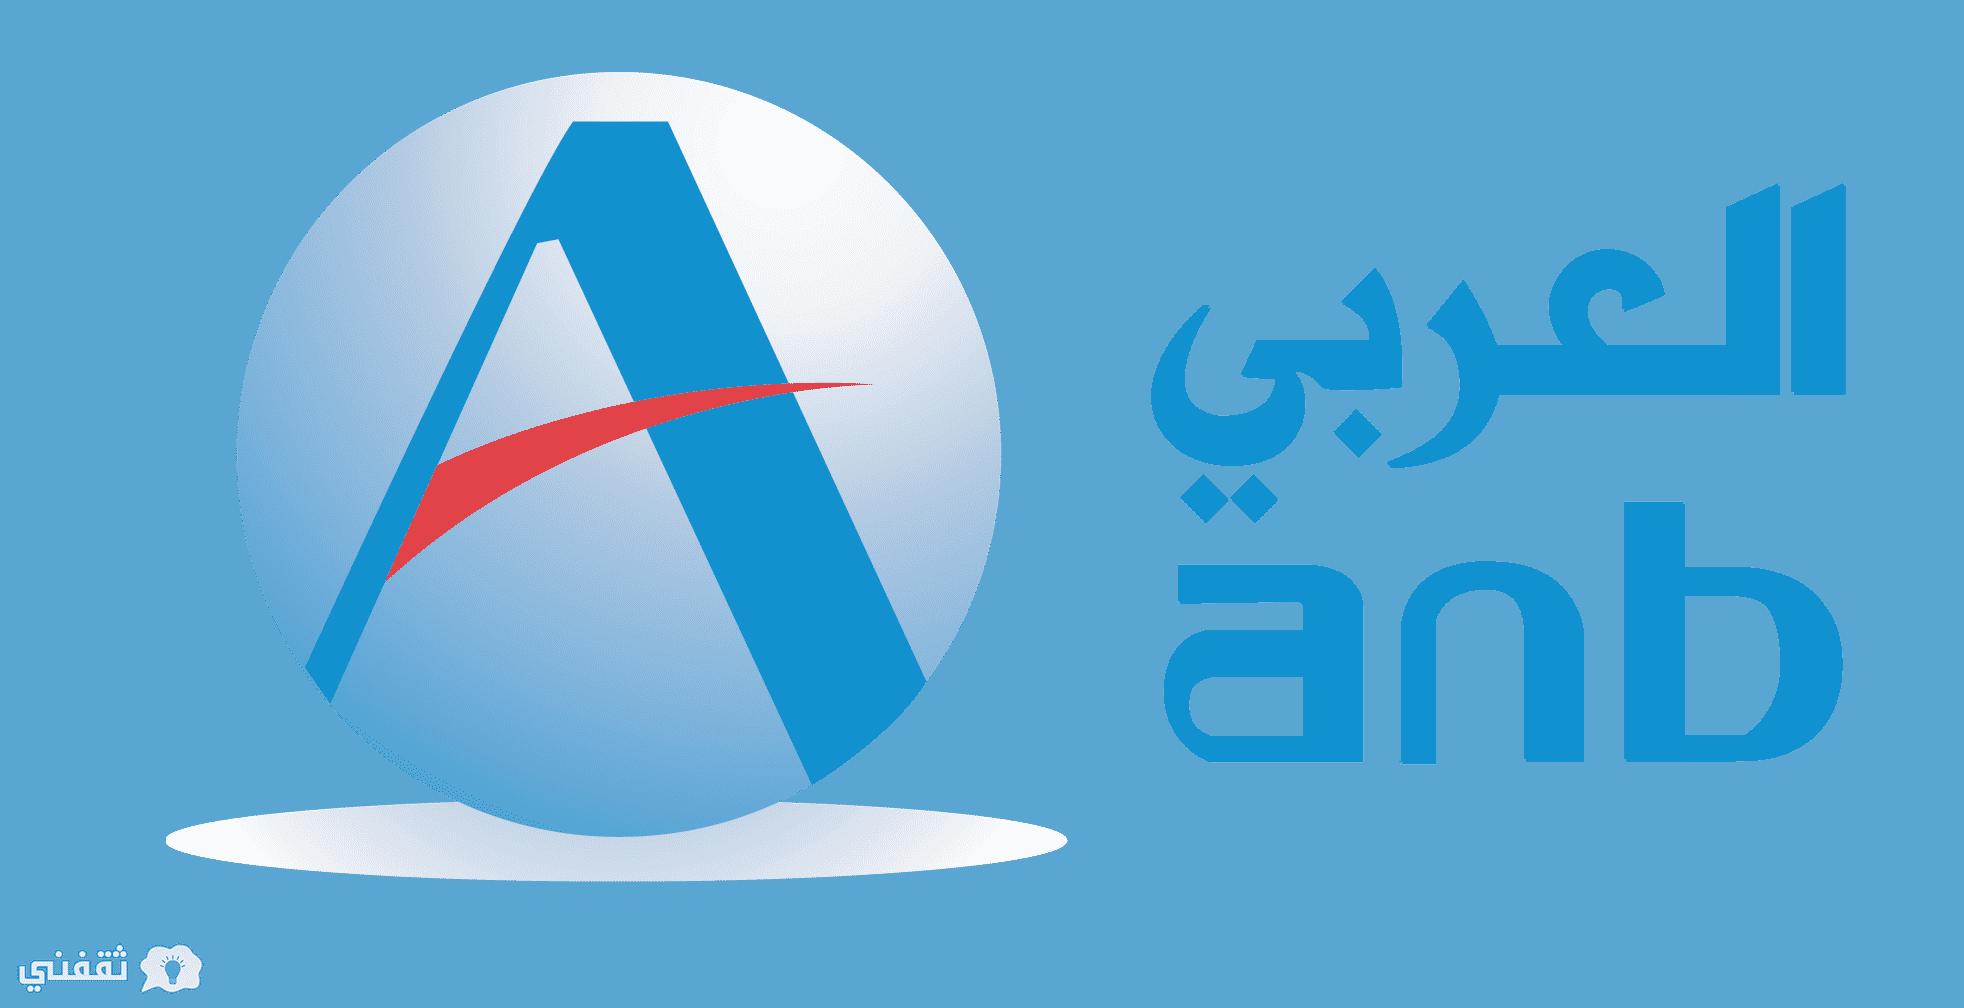 اعلان وظائف البنك العربي الوطني anb لذوي الاحتياجات الخاصة بالسعودية